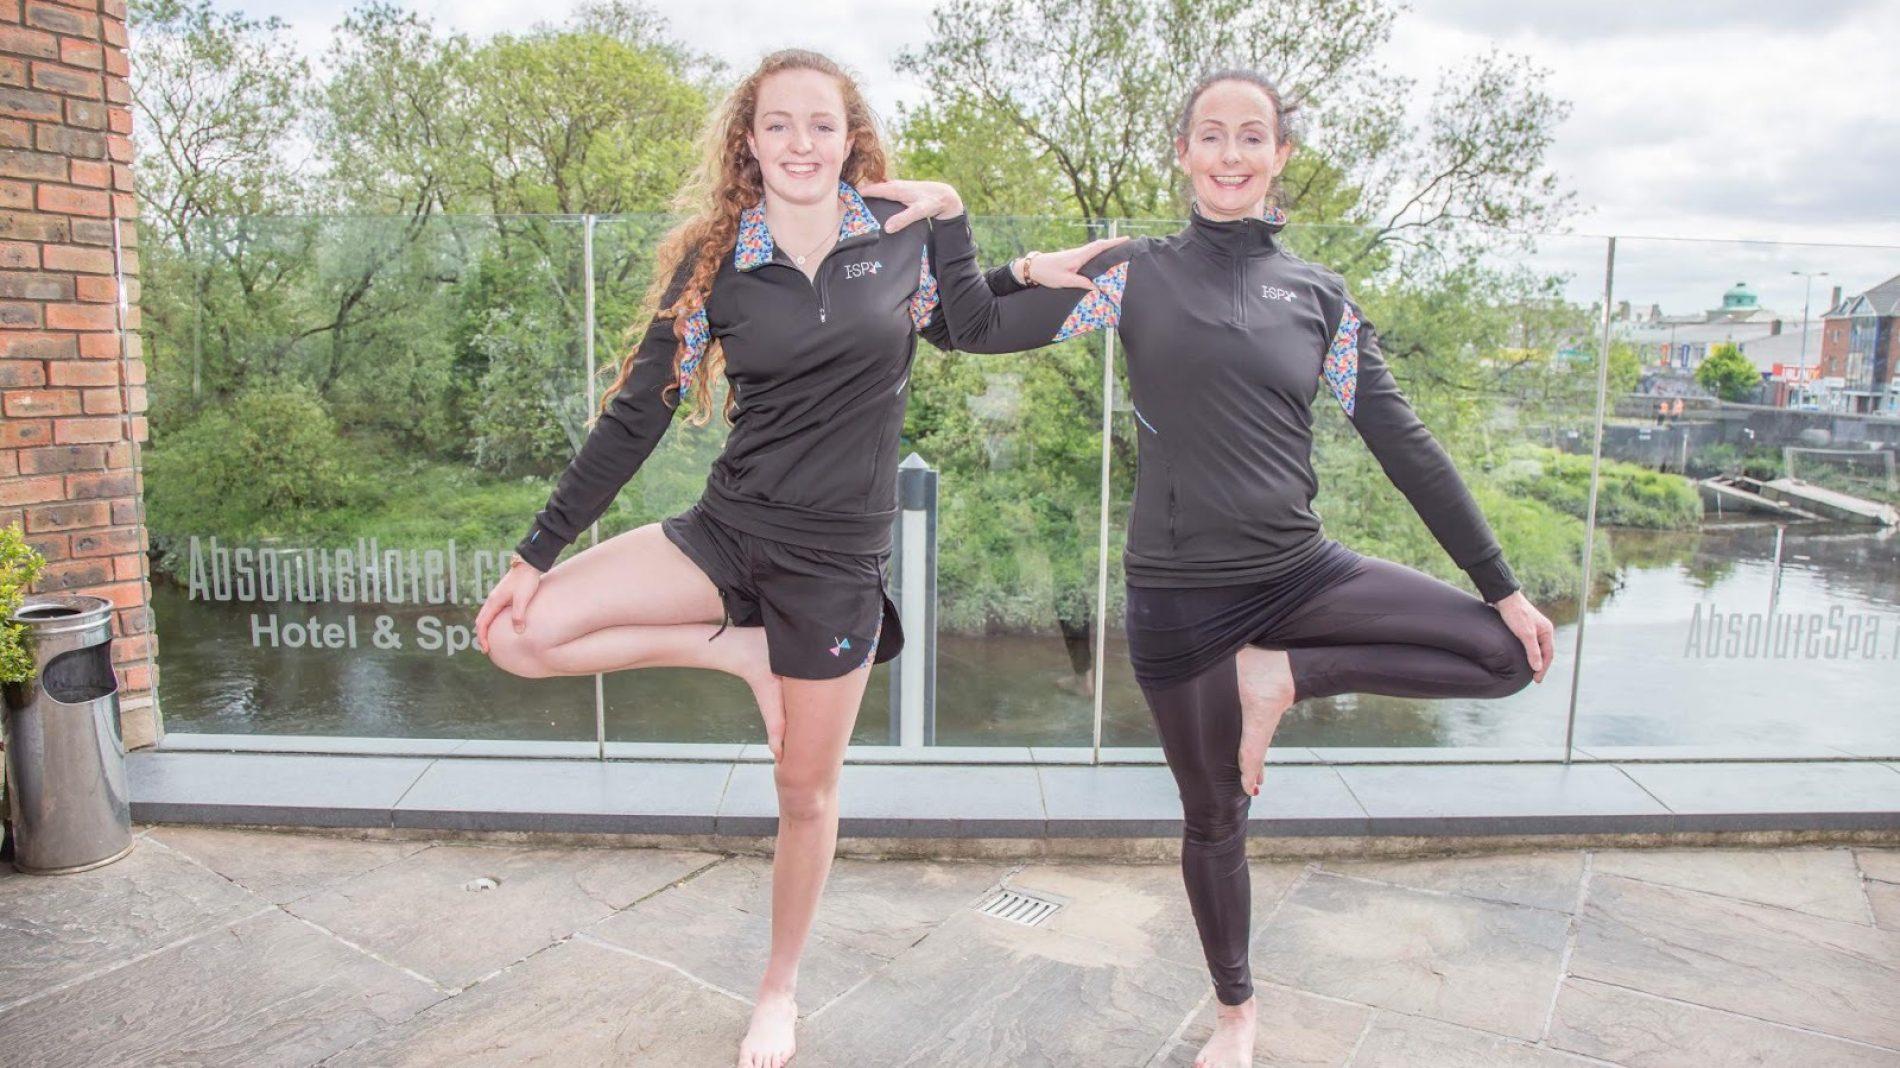 2 girls doing yoga